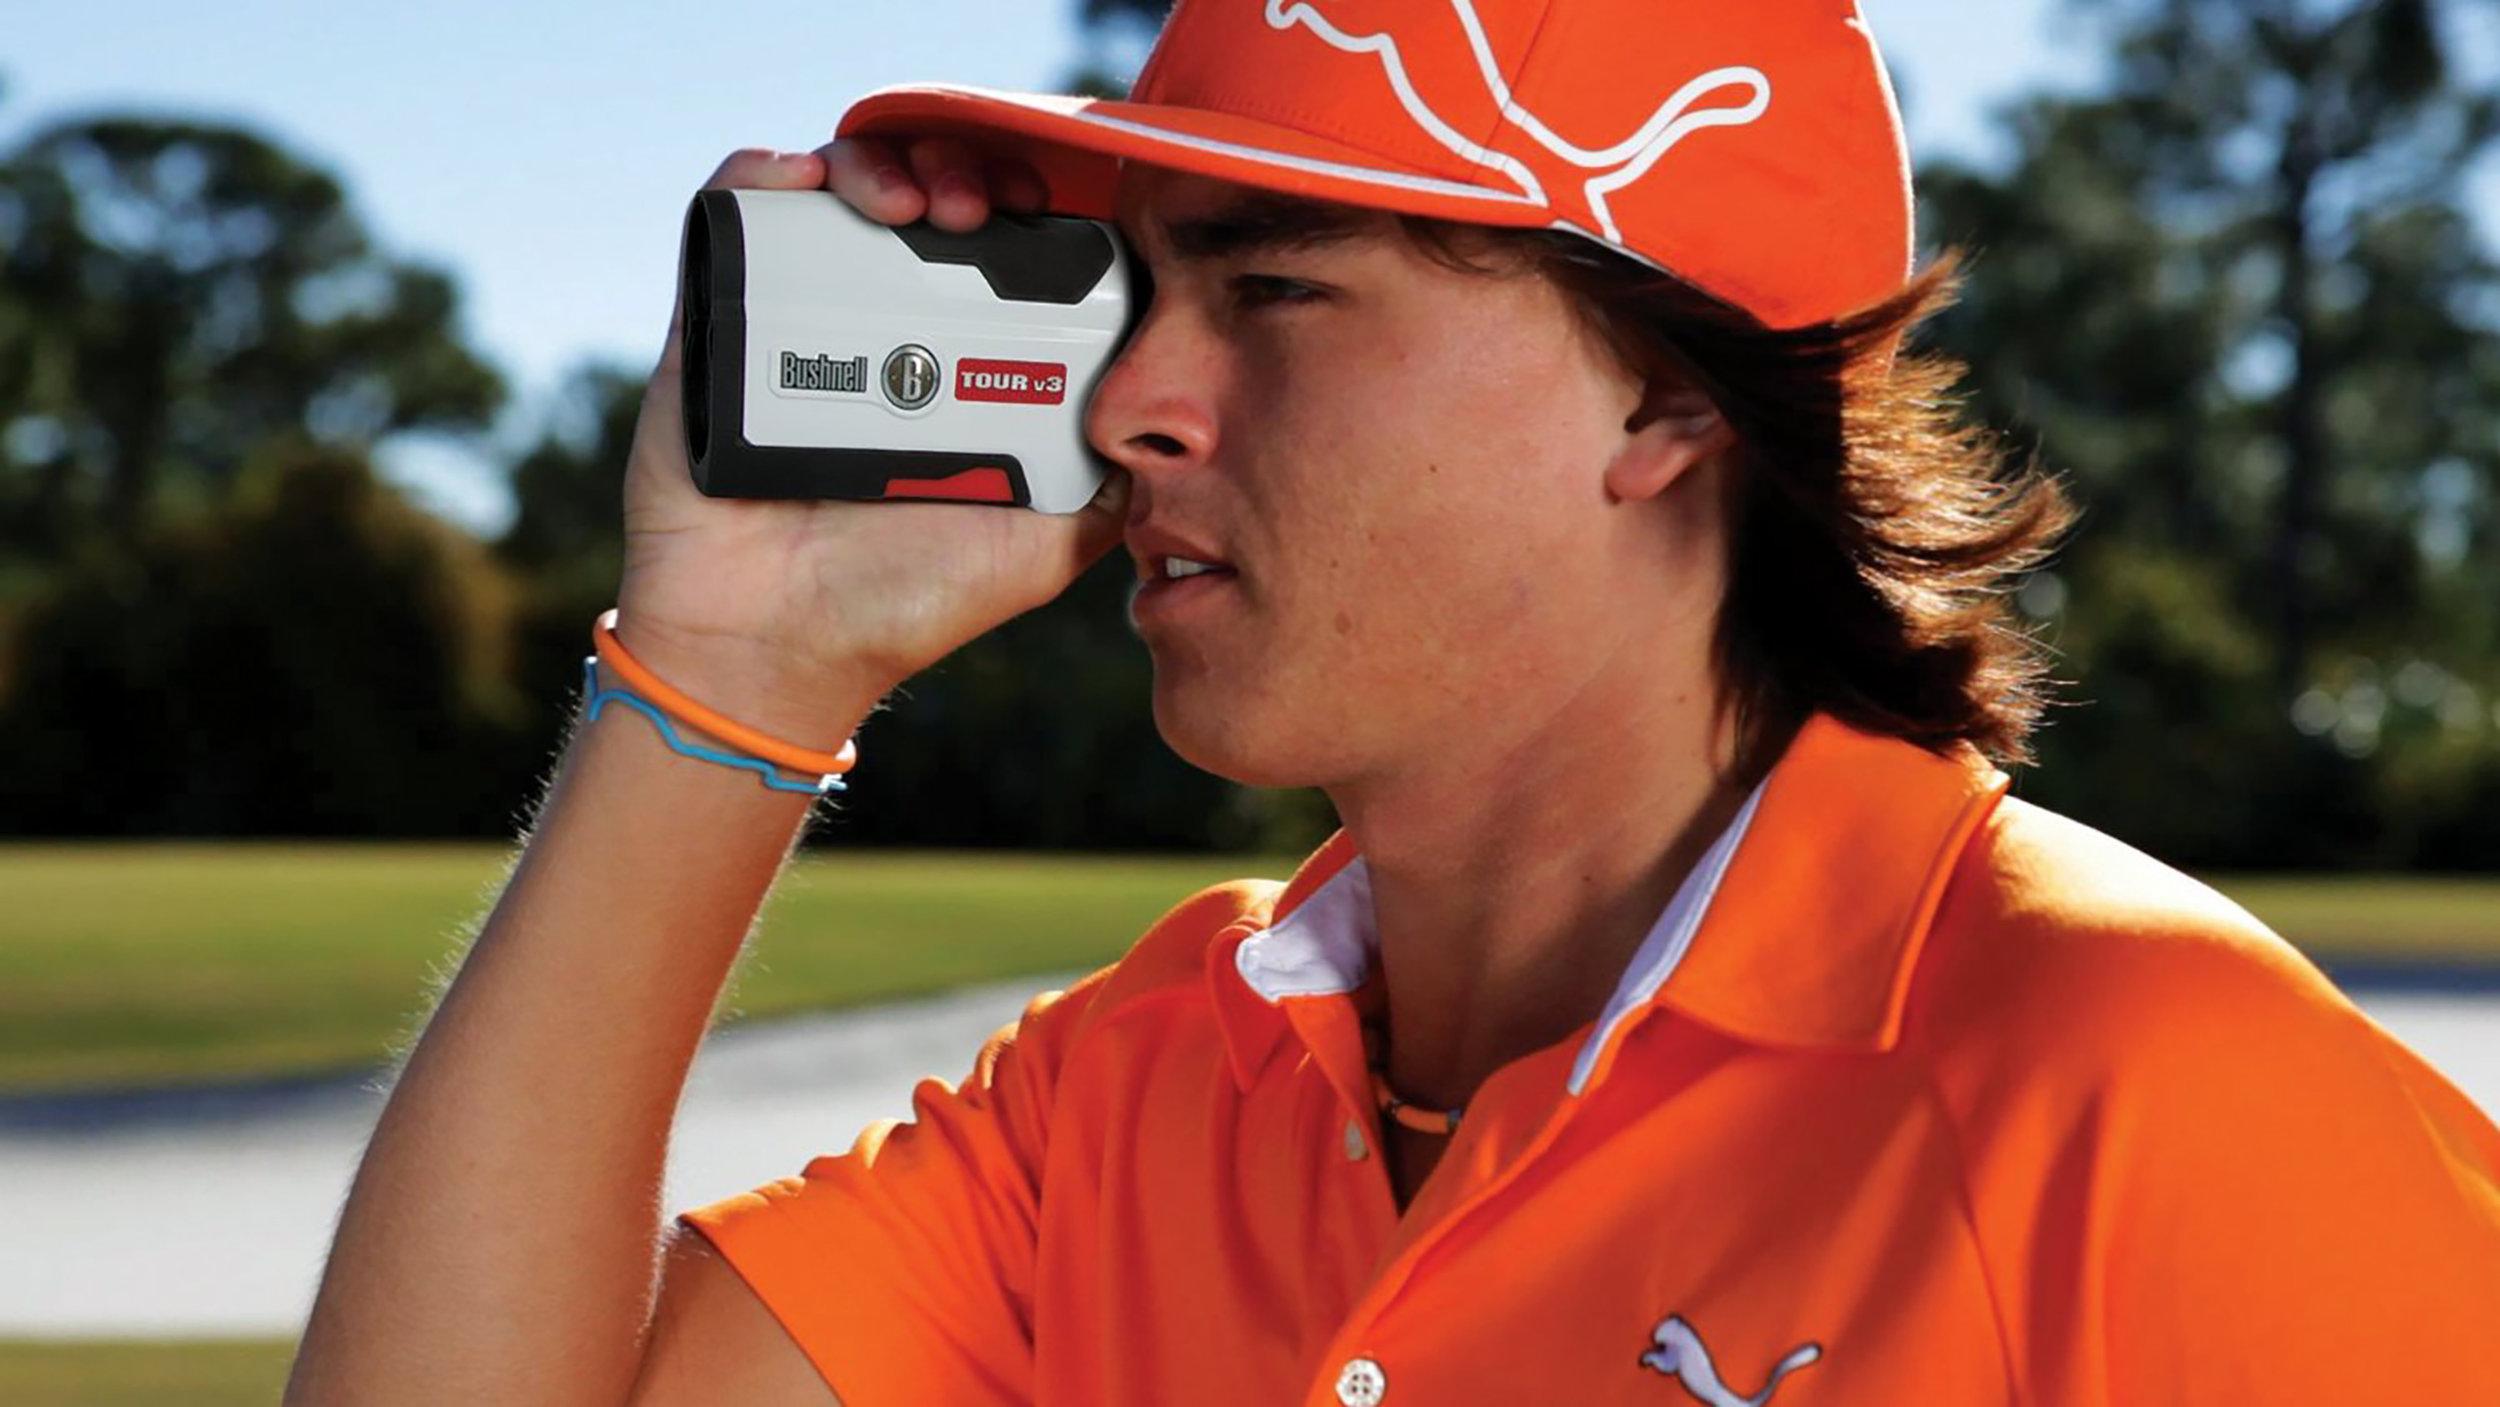 golf-rangefinders.jpg